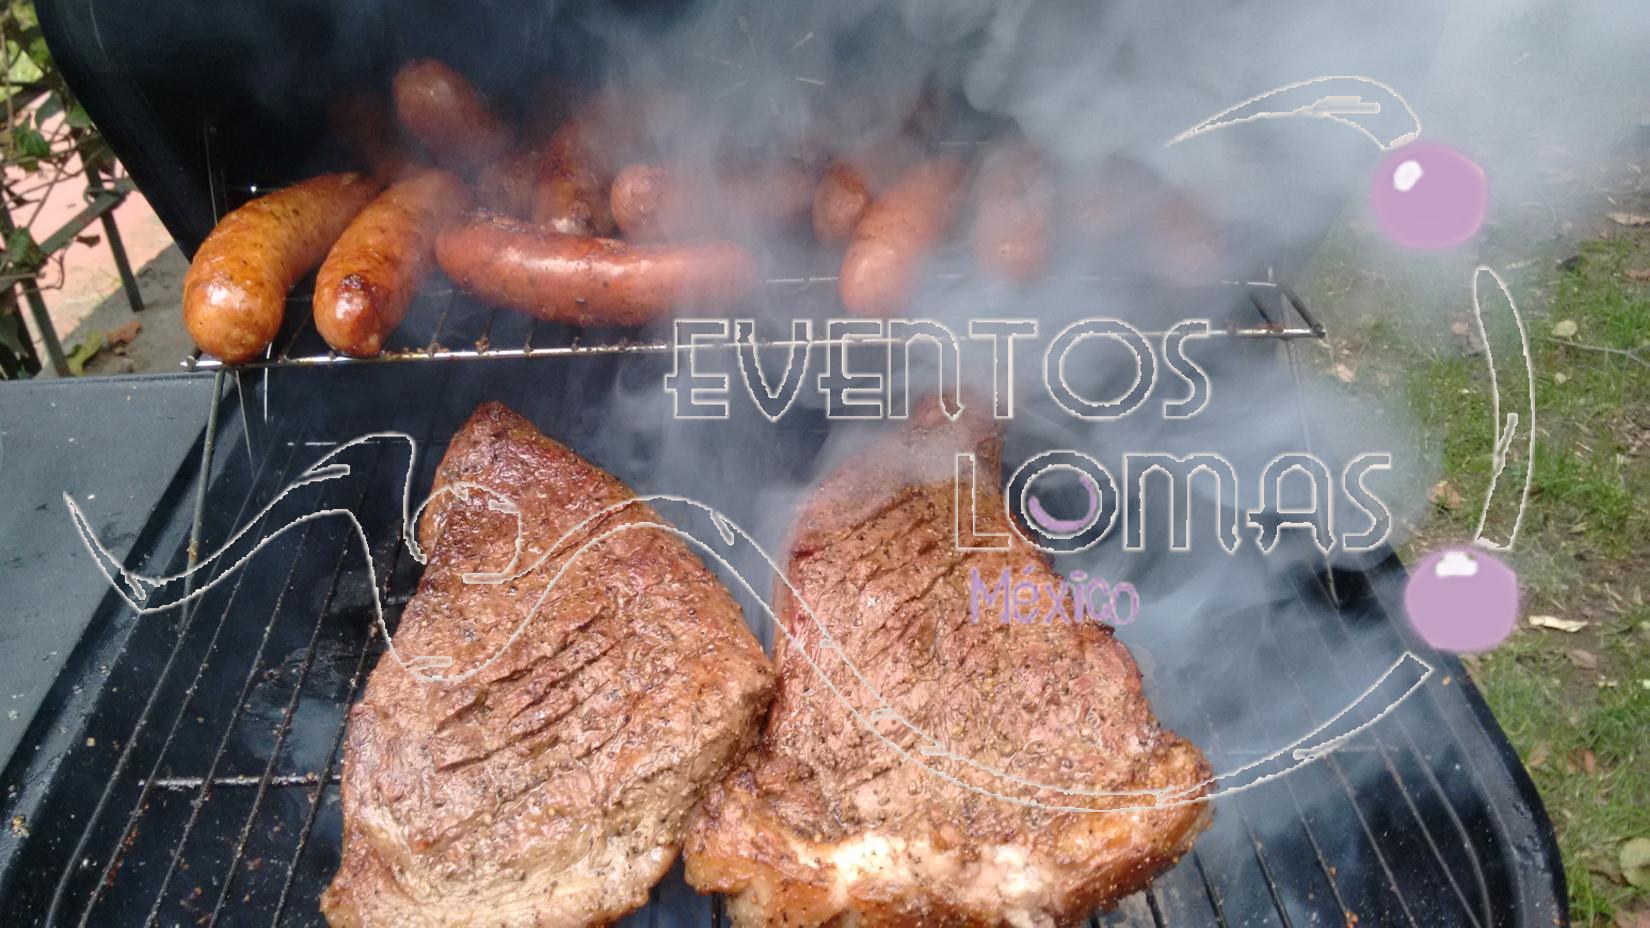 Parrilla Argentina Eventos